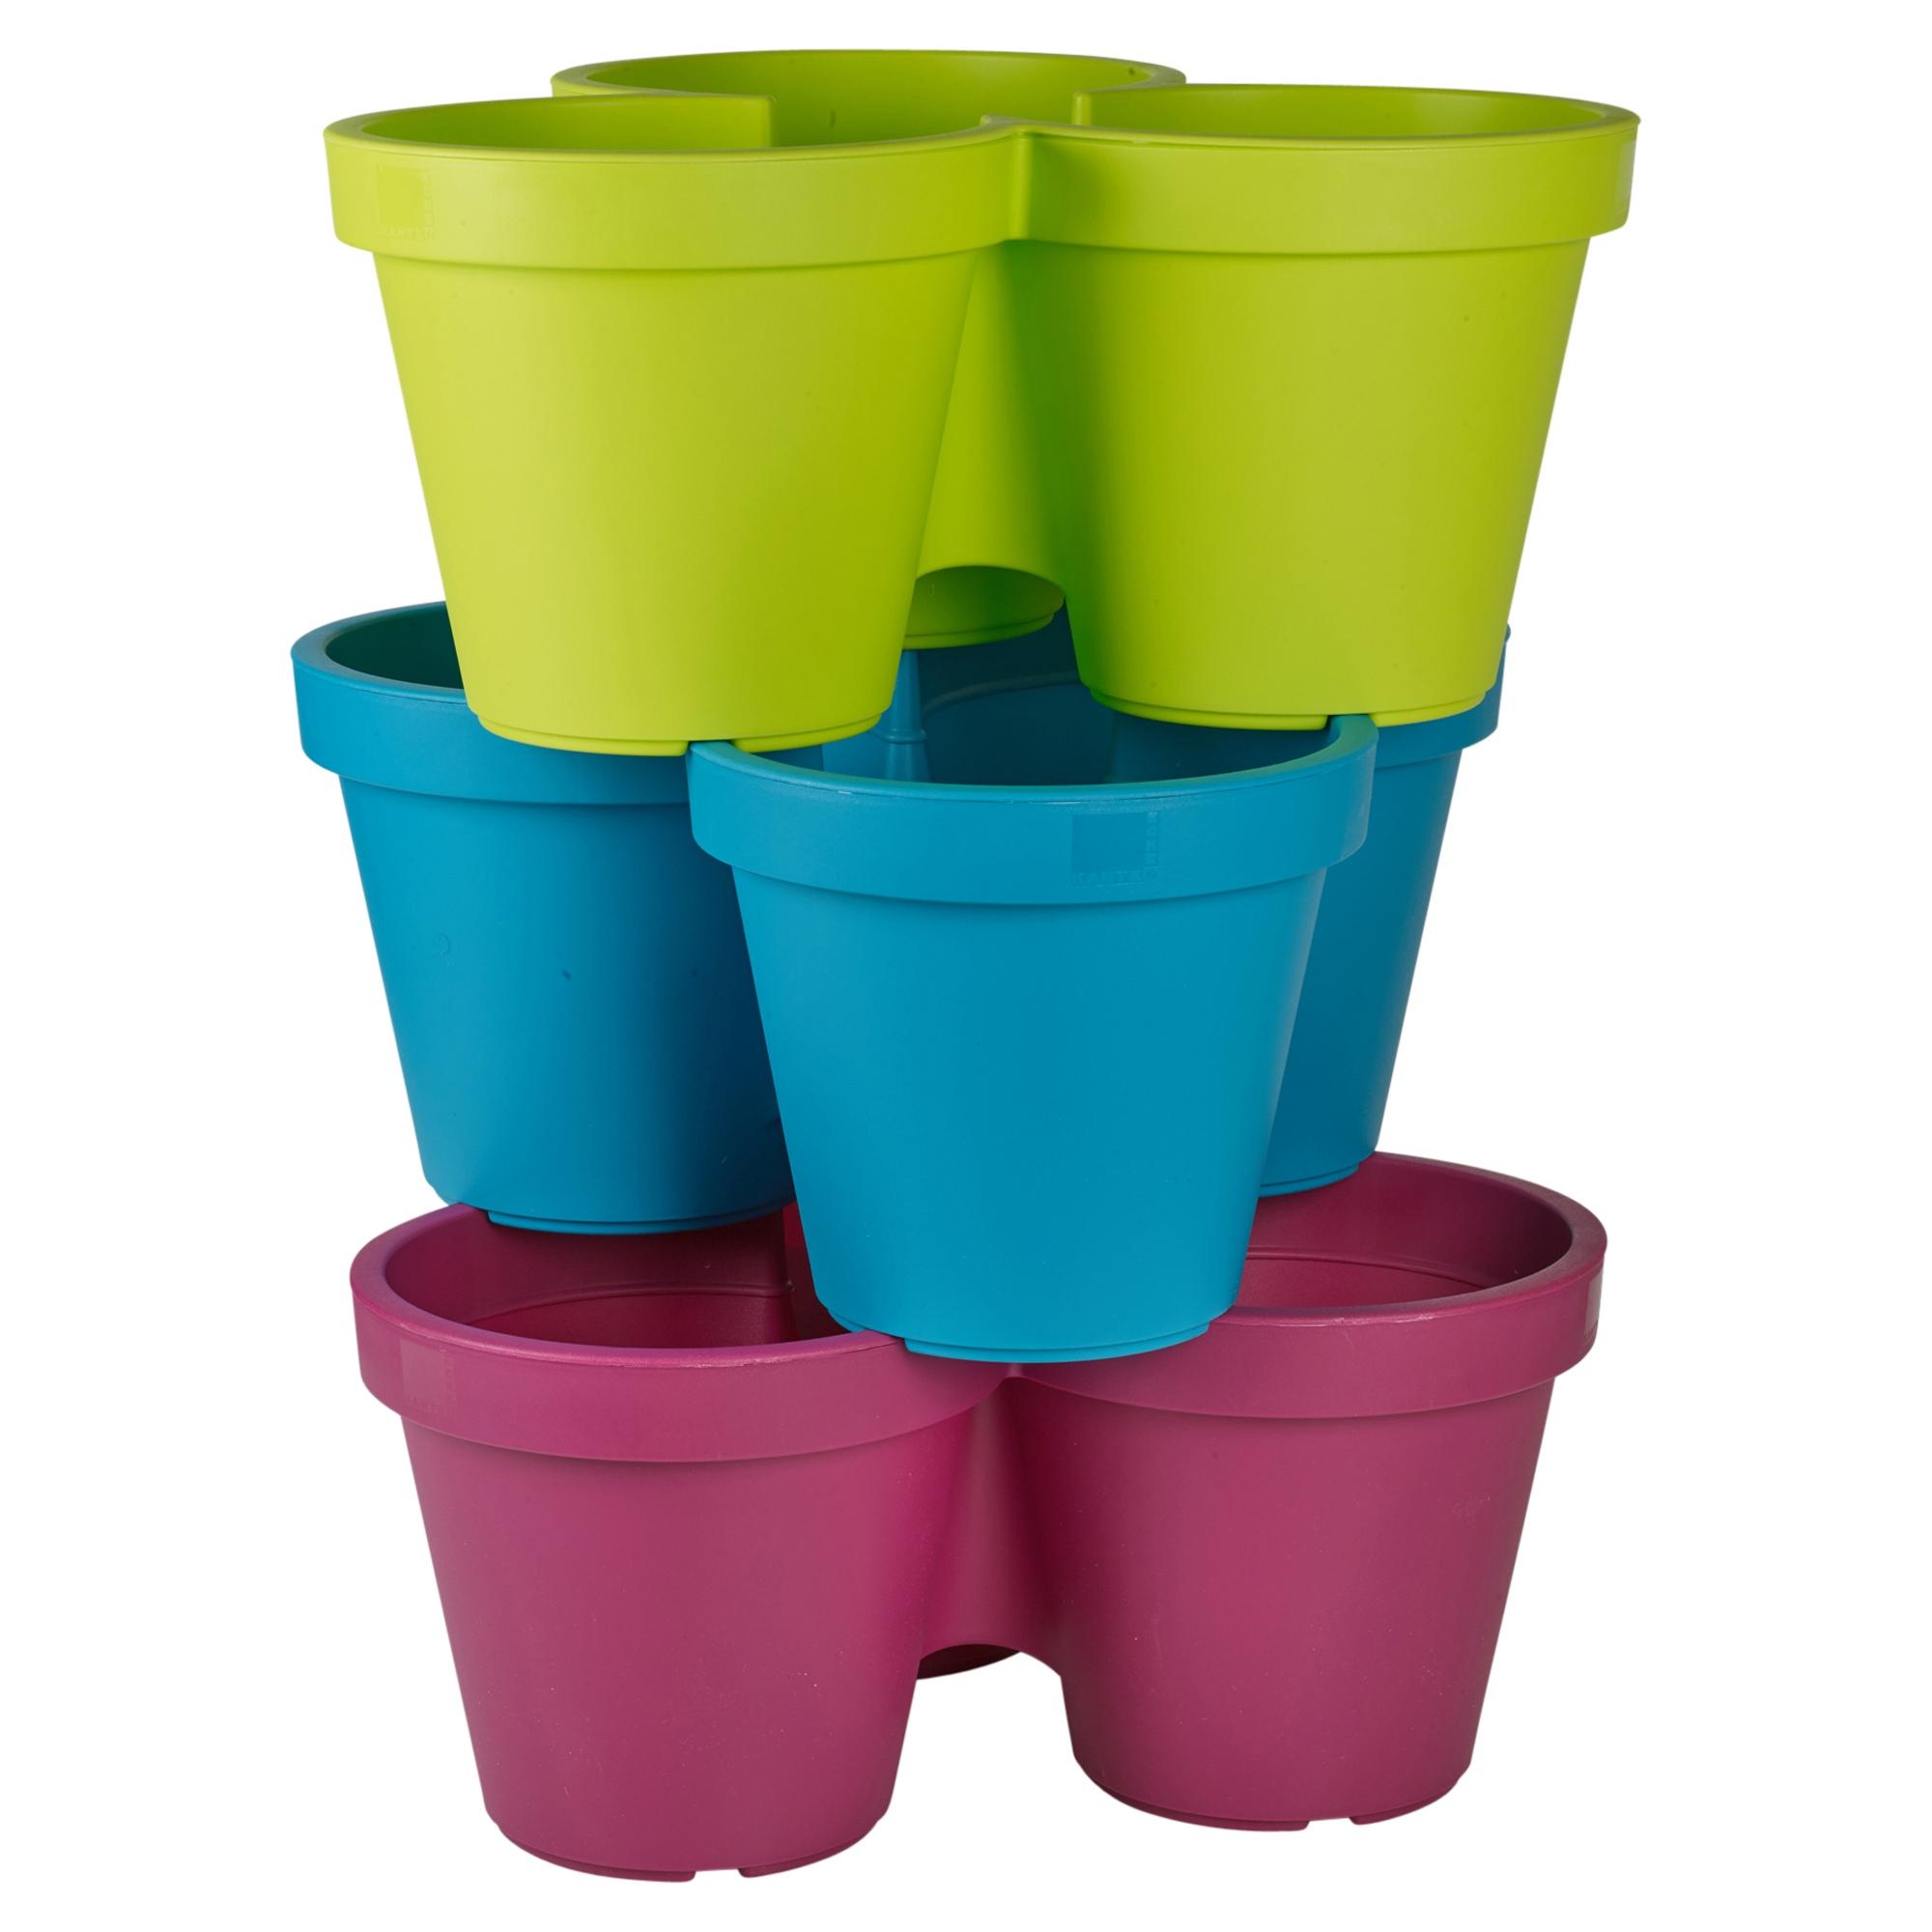 assorted plastic plant flower pot garden holder pots planter herb coloured new ebay. Black Bedroom Furniture Sets. Home Design Ideas